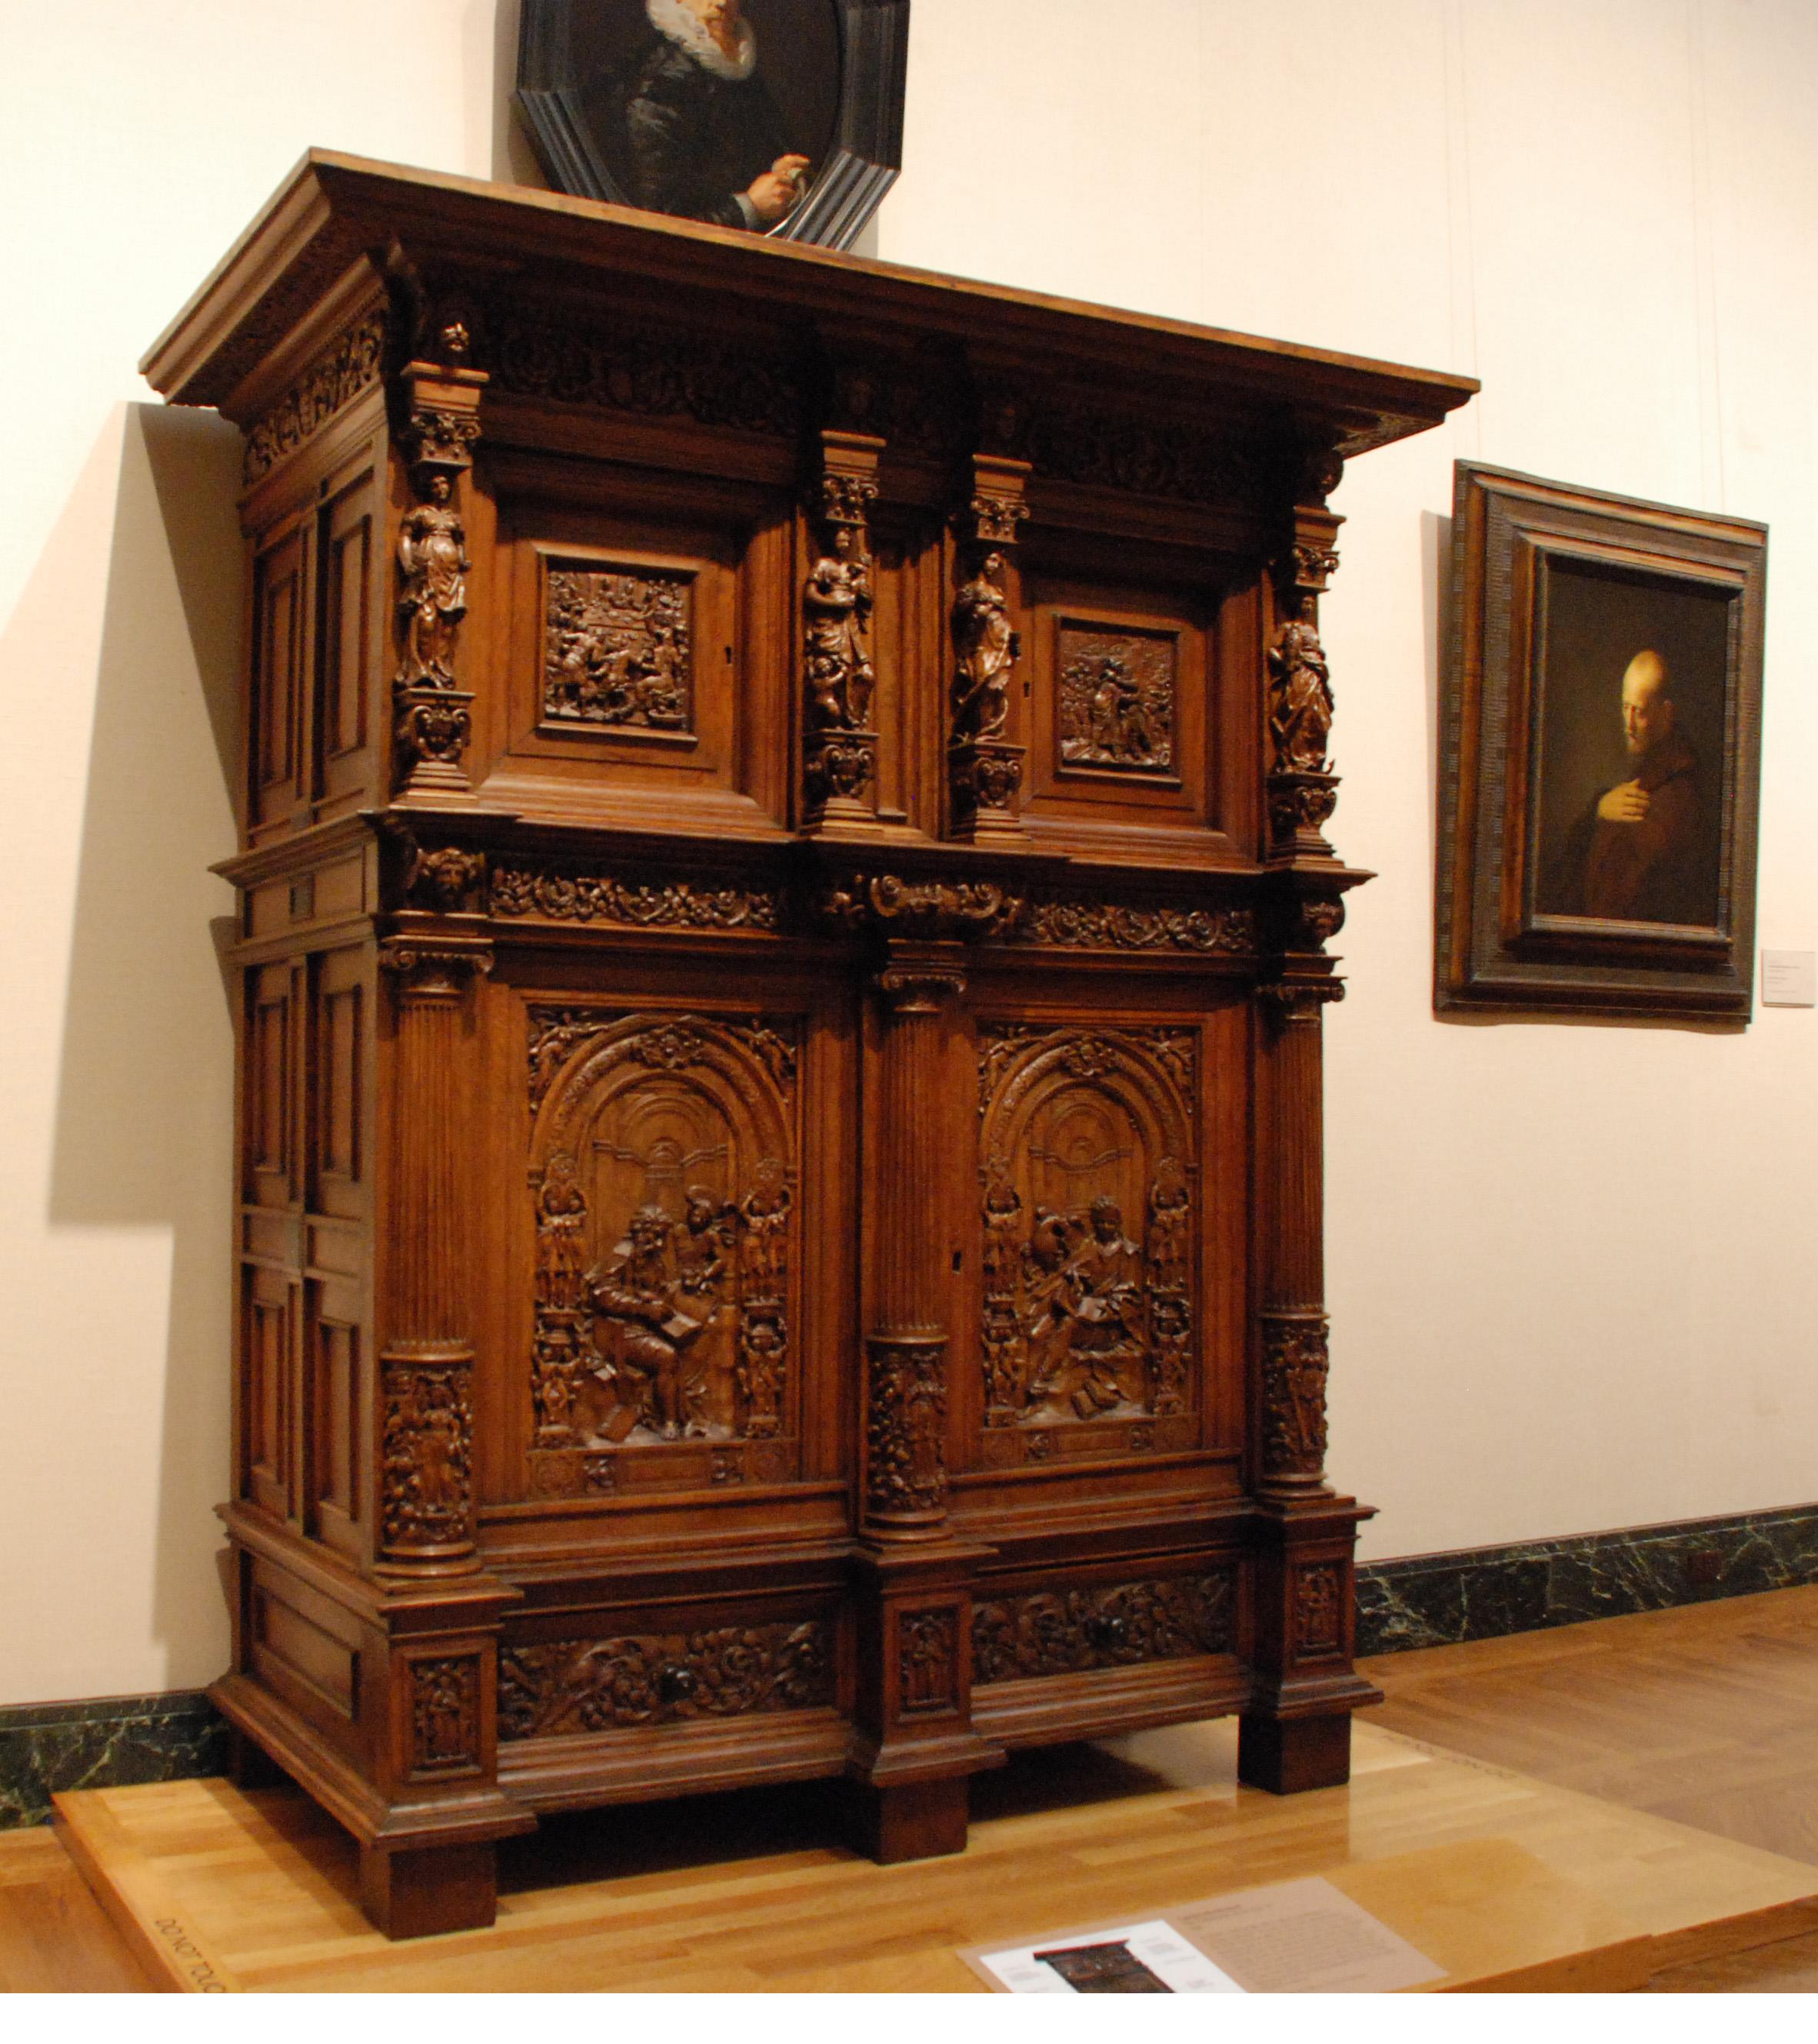 17th-century Dutch Furniture